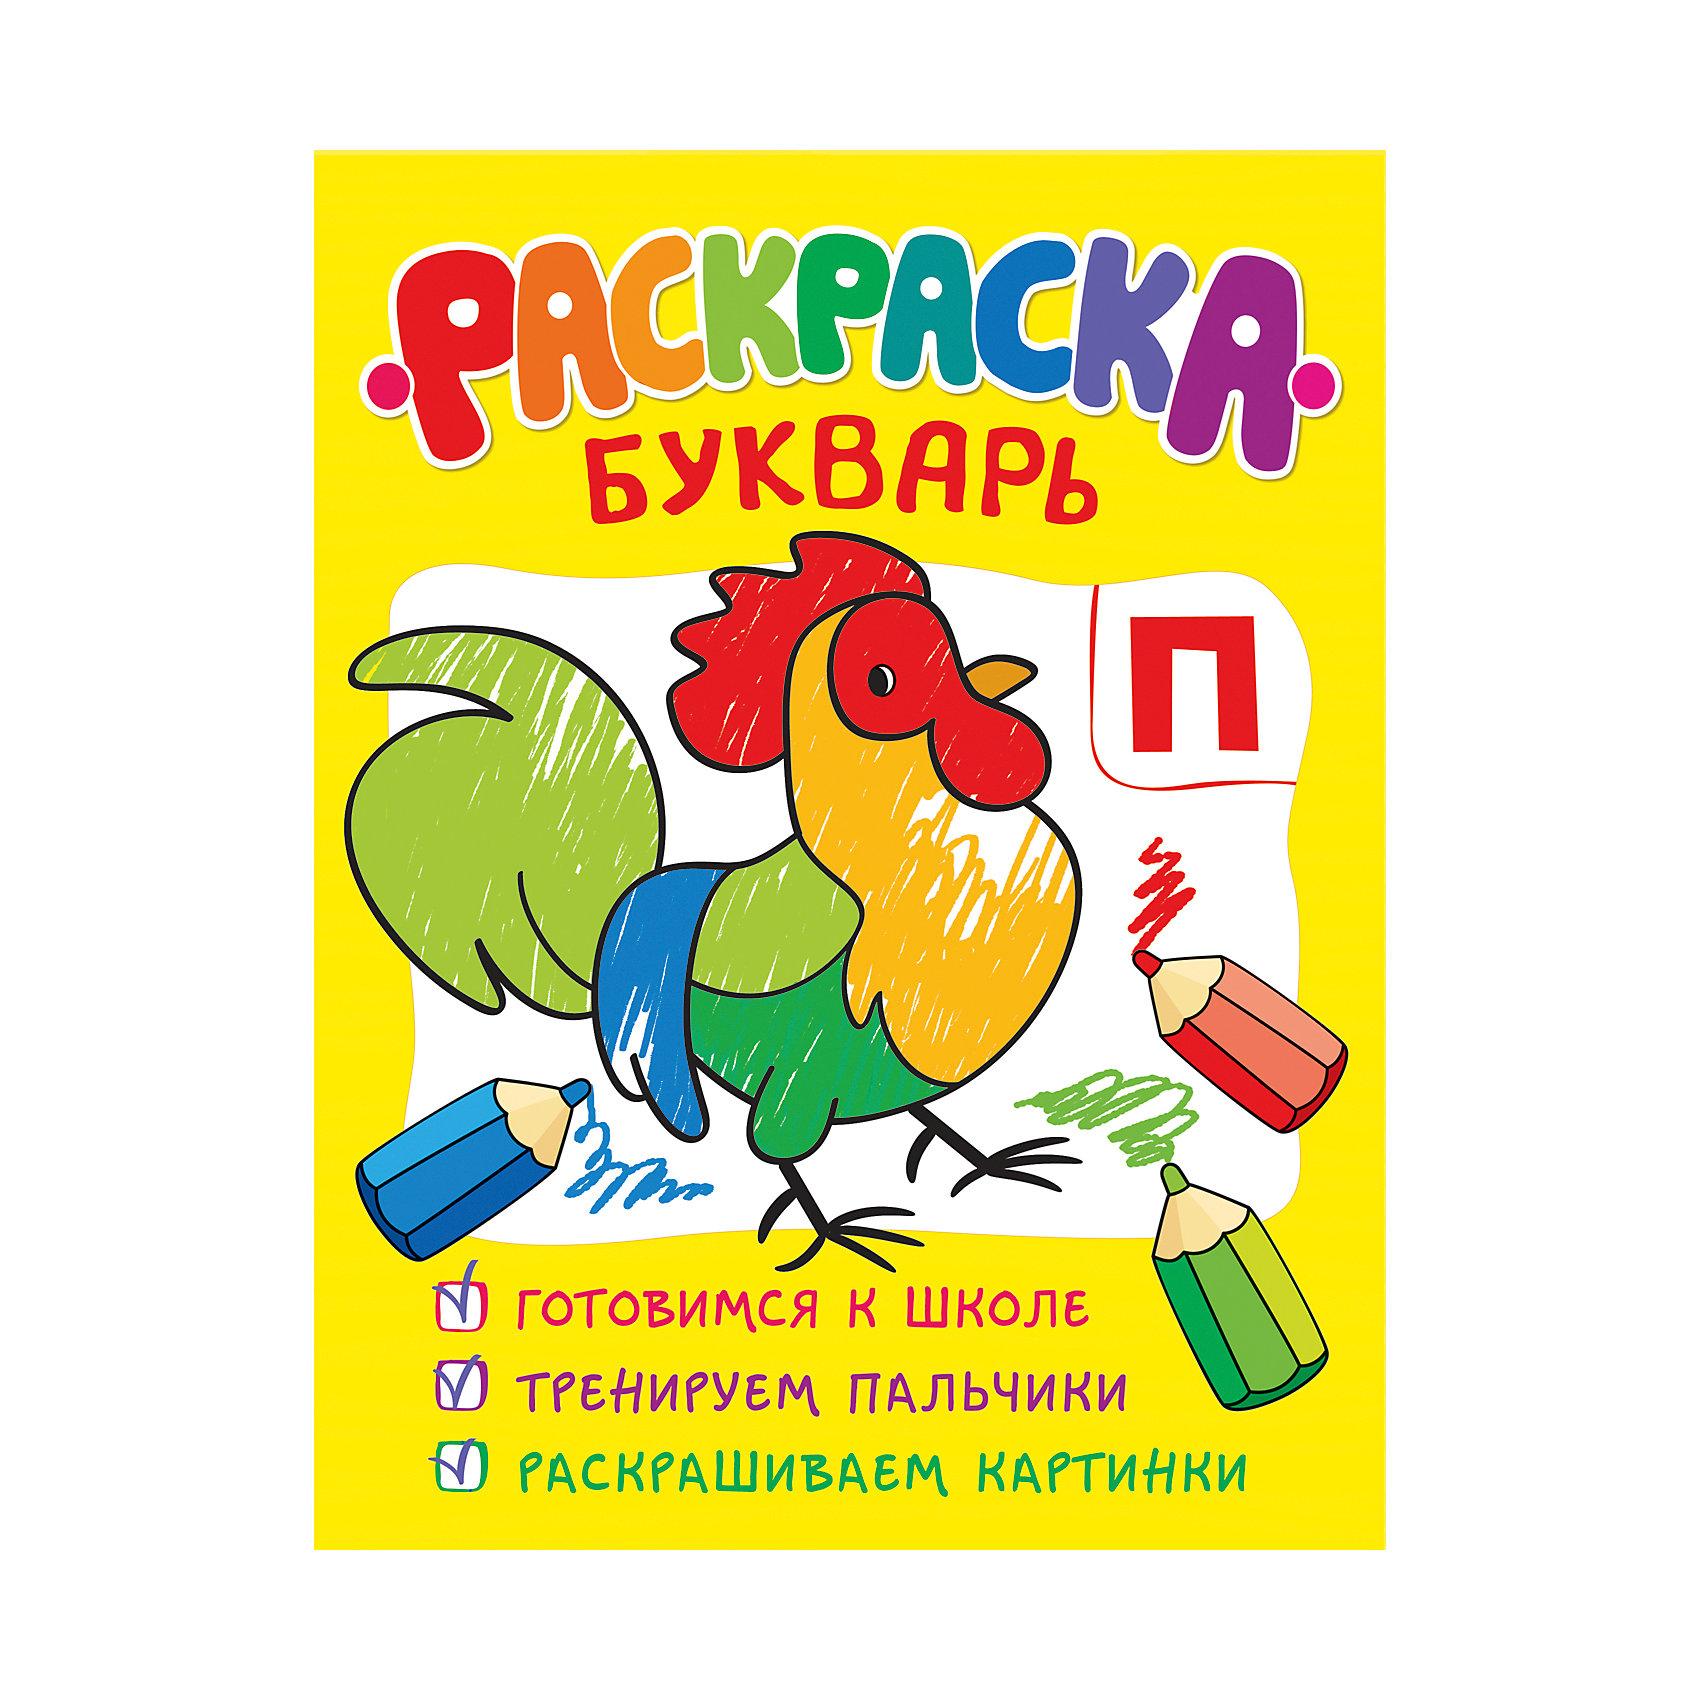 Раскраска-букварьРаскраска-букварь входит в серию обучающих раскрасок, подготовленных специально для того, чтобы в игровой форме познакомить детей с важнейшими развивающими темами. &#13;<br>Перед вами не просто раскраска, это первый шаг к освоению базового навыка – чтения. Раскрашивая картинки, ребёнок запомнит буквы, научится поДетская библиотекаирать к ним слова, а вместе с этим разовьет мелкую моторику. Яркие образы букв, прочно связанные с изображениями, останутся в памяти надолго.&#13;<br>Созданные с учетом психологических особенностей детей, раскраски станут верным помощником в развитии ребенка.<br><br>Ширина мм: 255<br>Глубина мм: 196<br>Высота мм: 30<br>Вес г: 168<br>Возраст от месяцев: 36<br>Возраст до месяцев: 2147483647<br>Пол: Унисекс<br>Возраст: Детский<br>SKU: 5453606